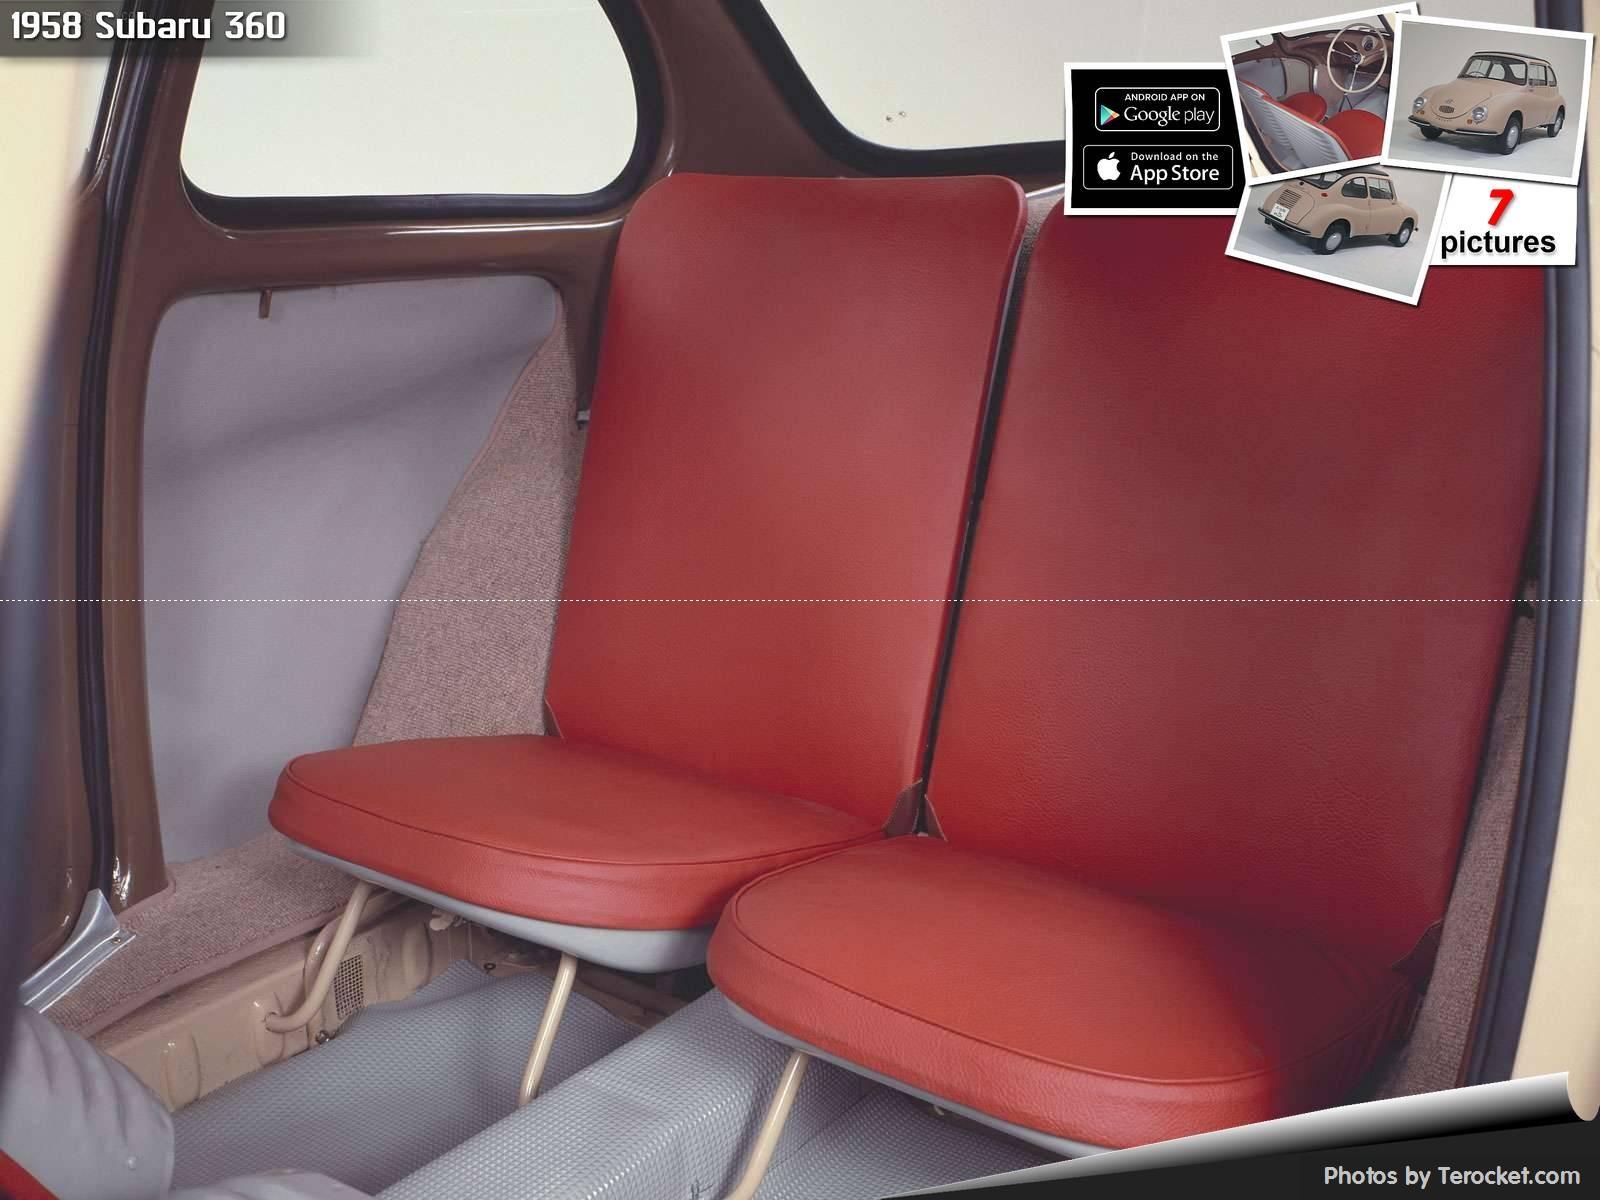 Hình ảnh xe ô tô Subaru 360 1958 & nội ngoại thất